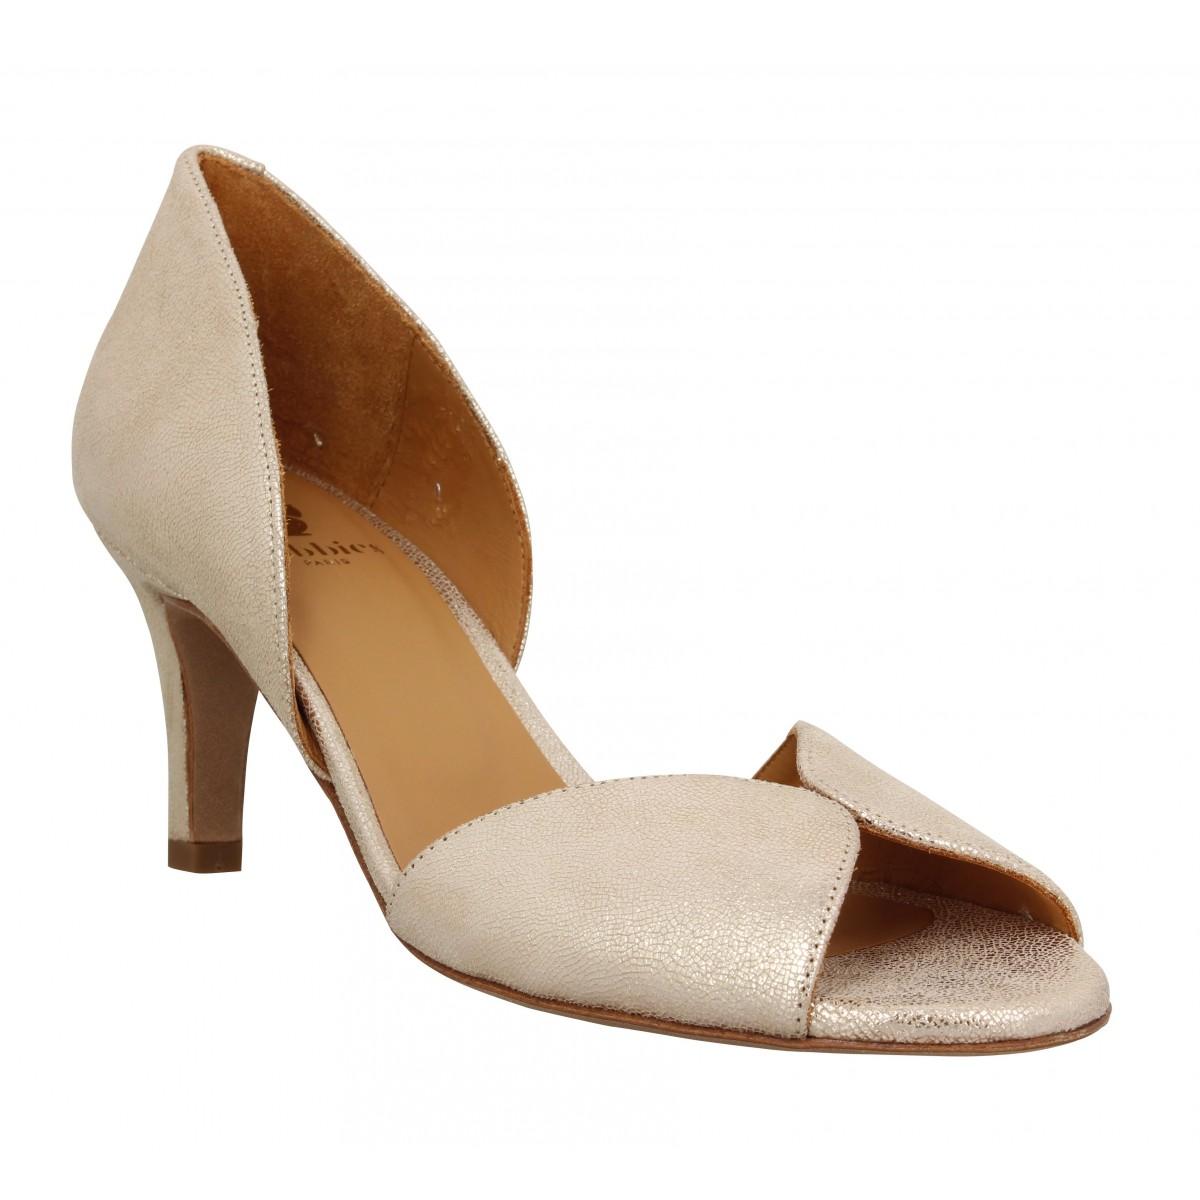 Sandales talons BOBBIES Liz cuir craquele Femme Champagne Irise